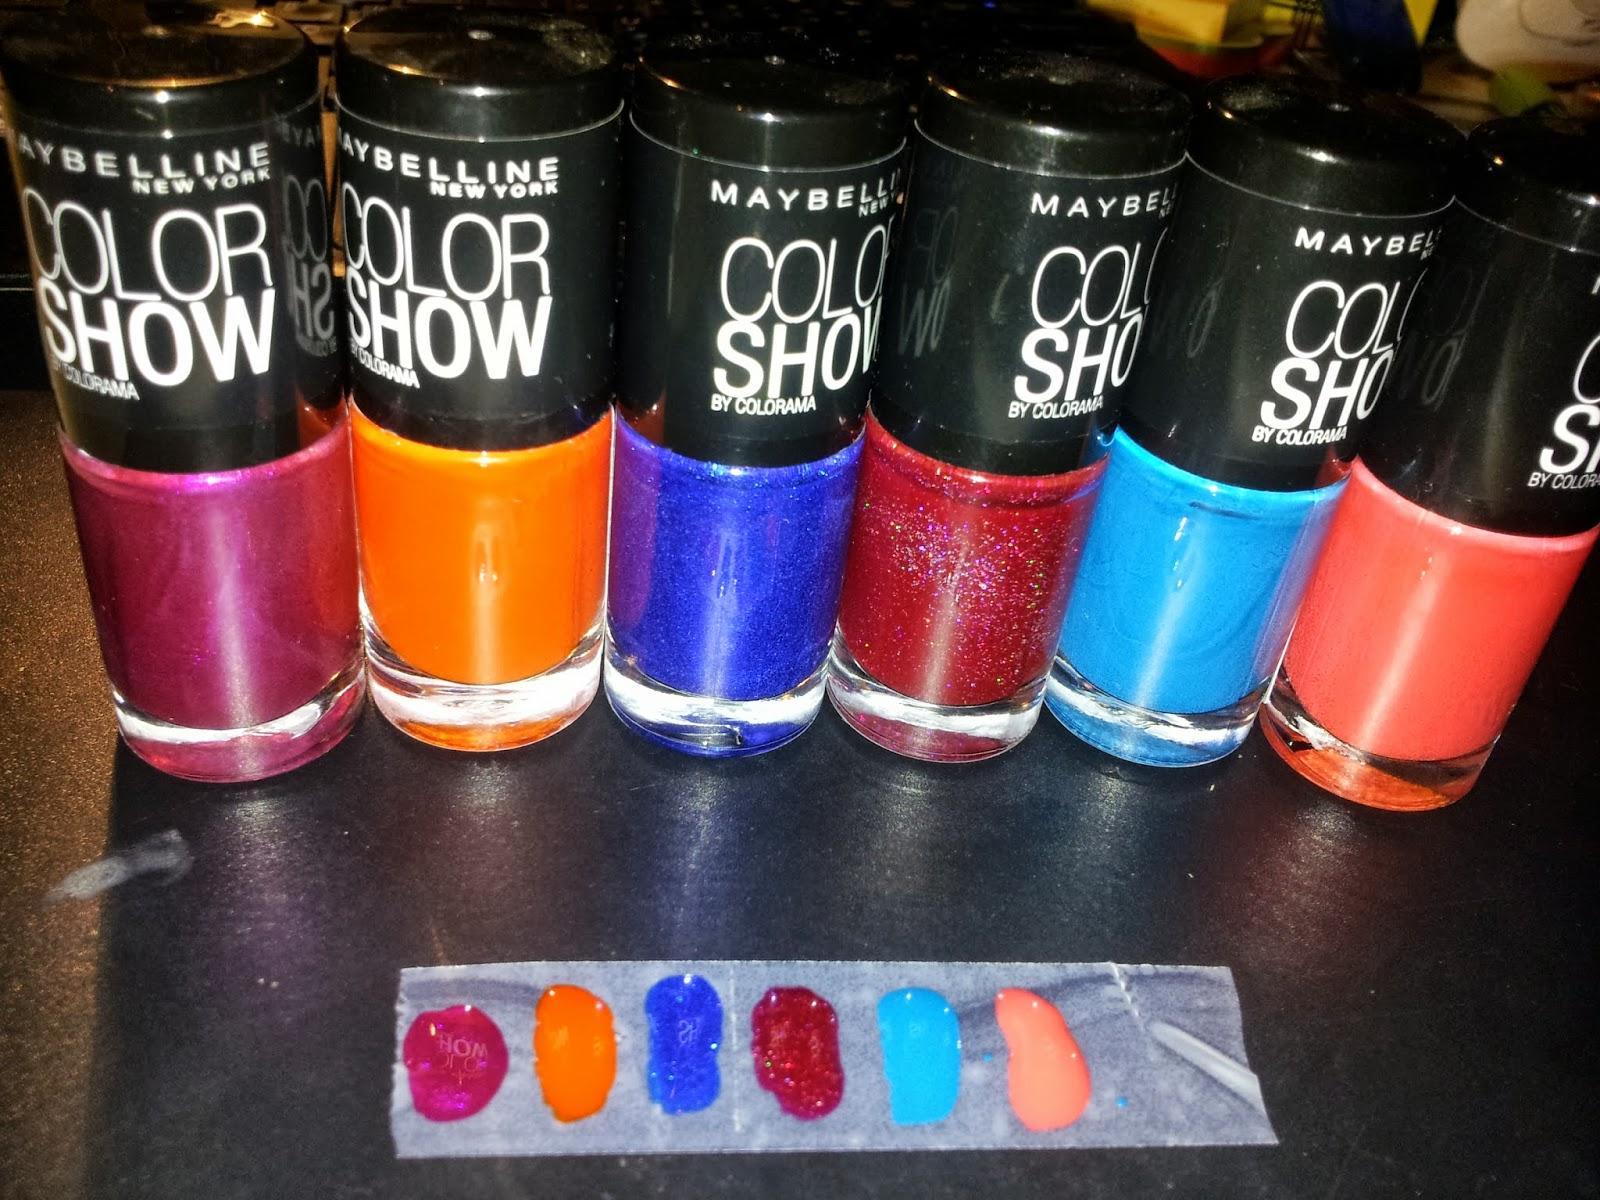 comme le dis le titre je commence ce type darticles avec des vernis les color show by colorama de maybelline - Vernis Color Show